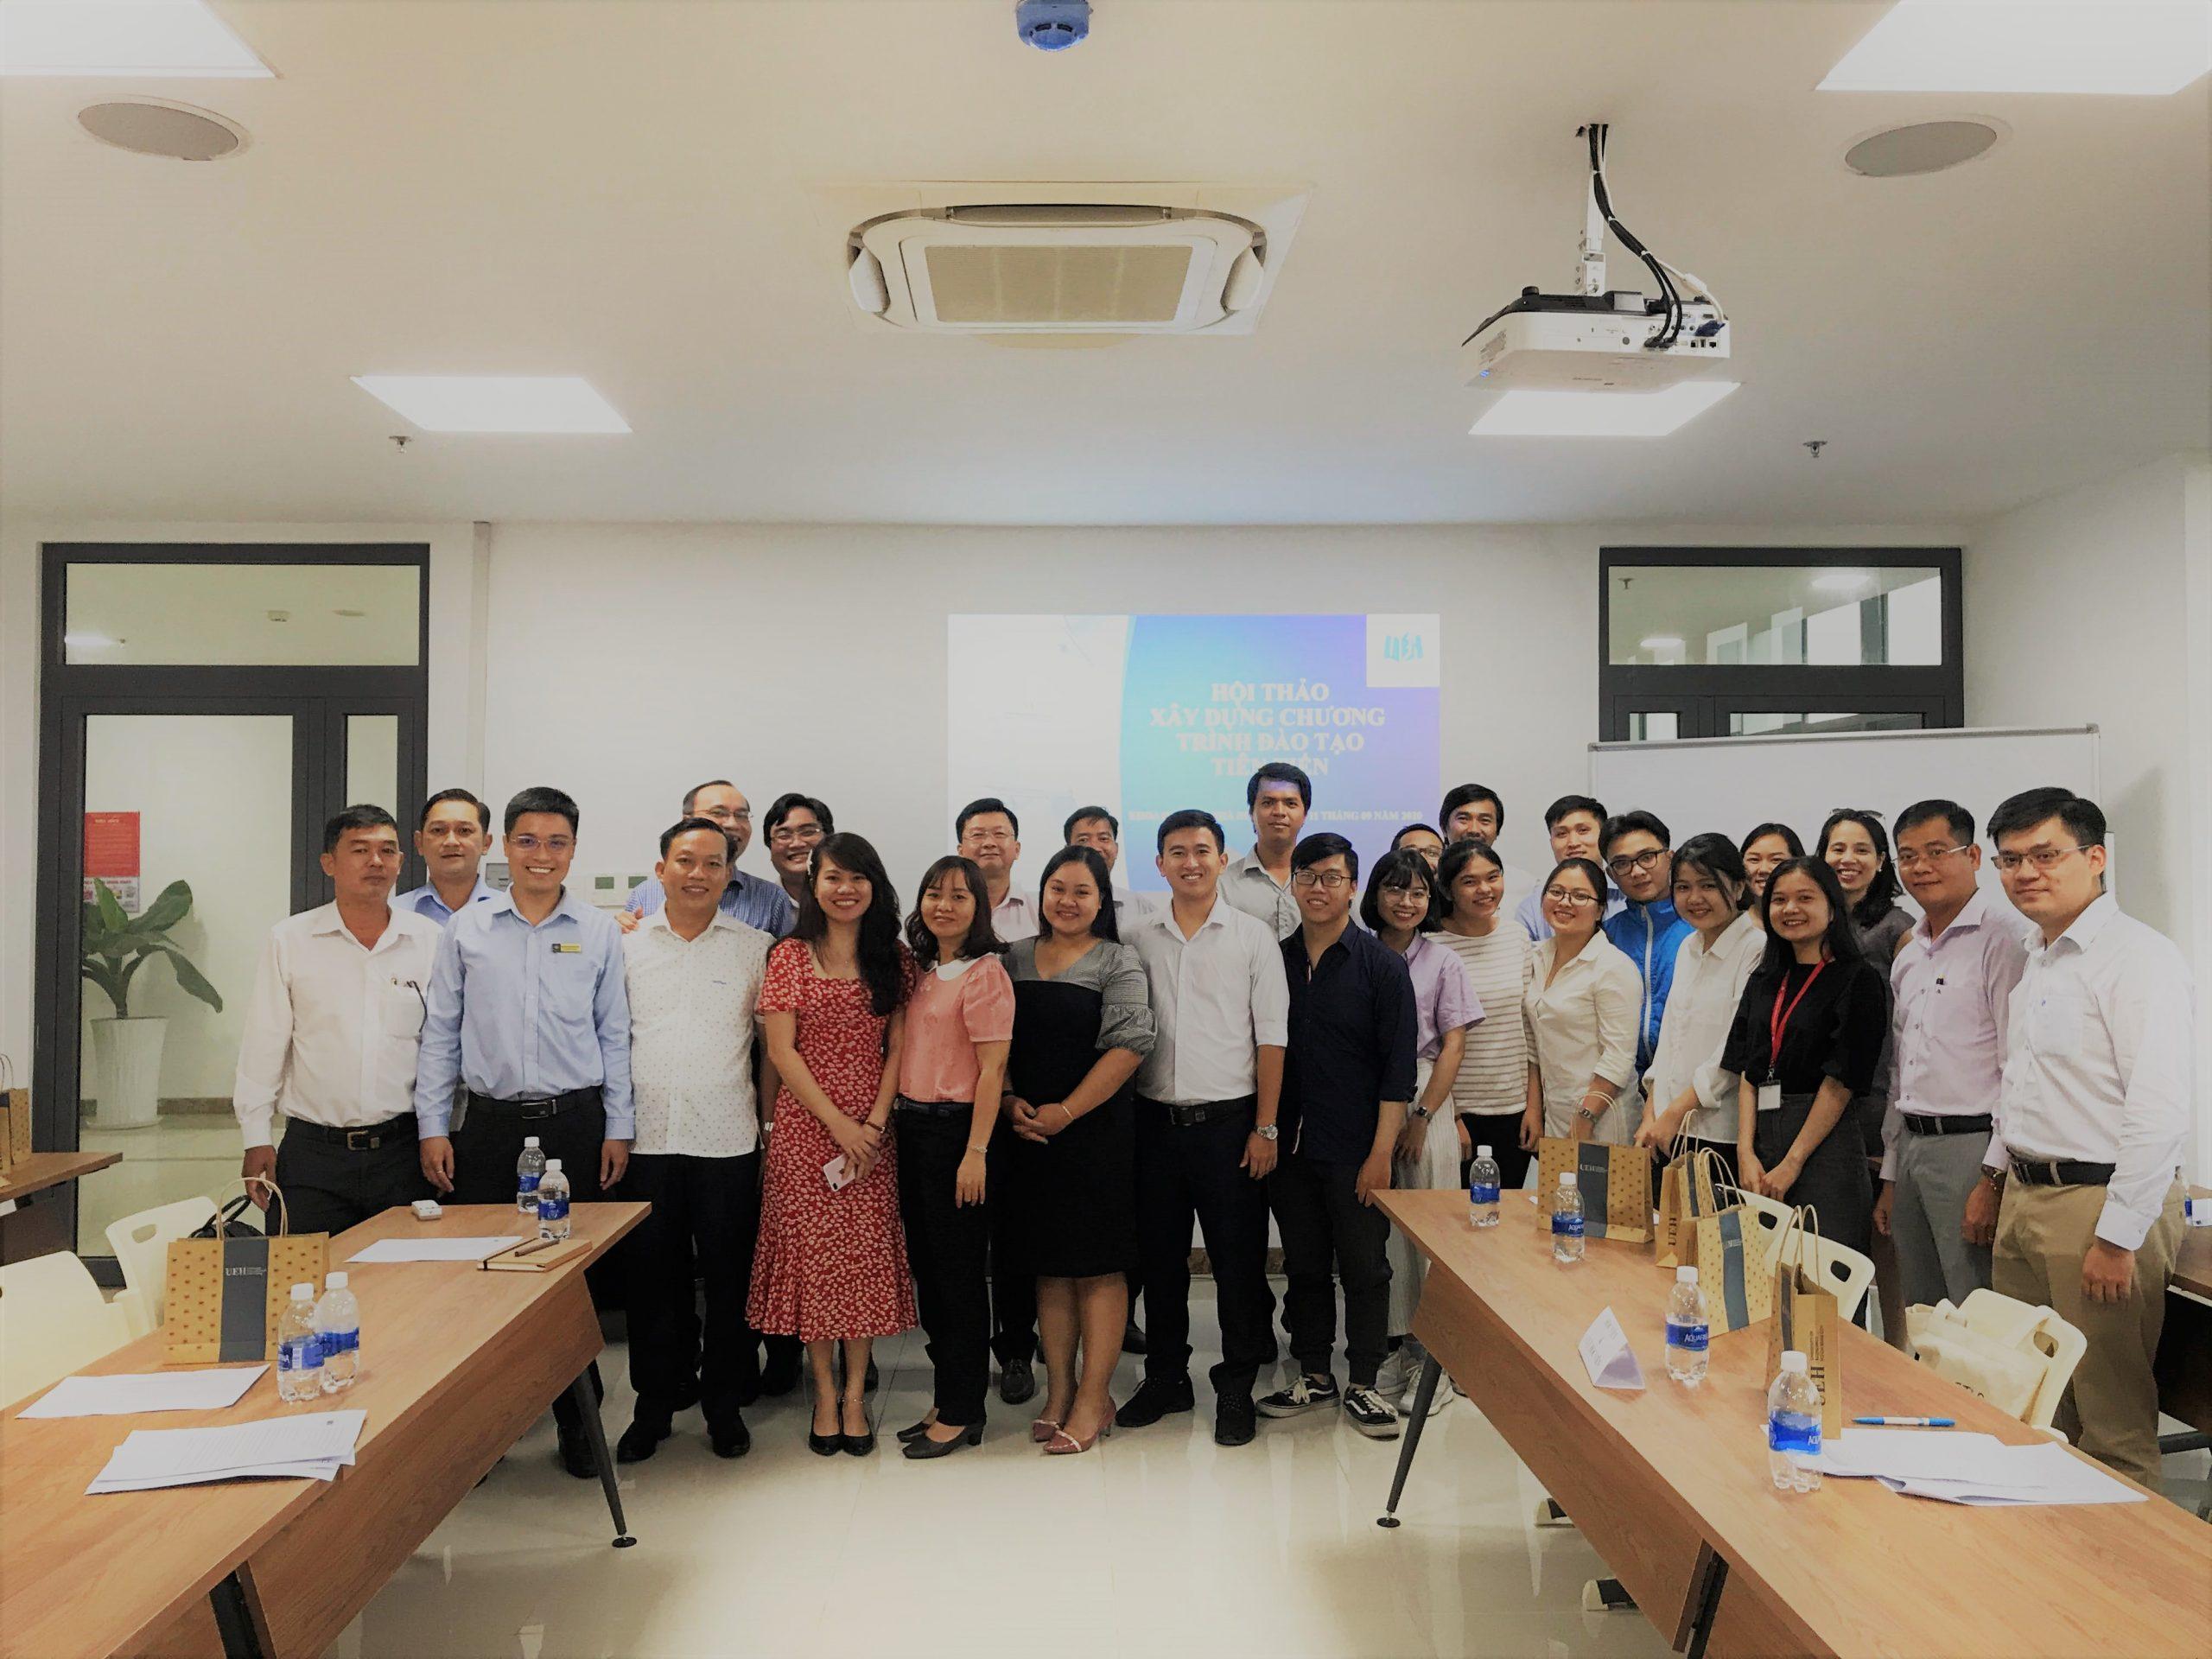 Khoa Quản lý Nhà nước tổ chức hội thảo xây dựng chương trình đào tạo Cử nhân tiên tiến ngành Quản lý Công